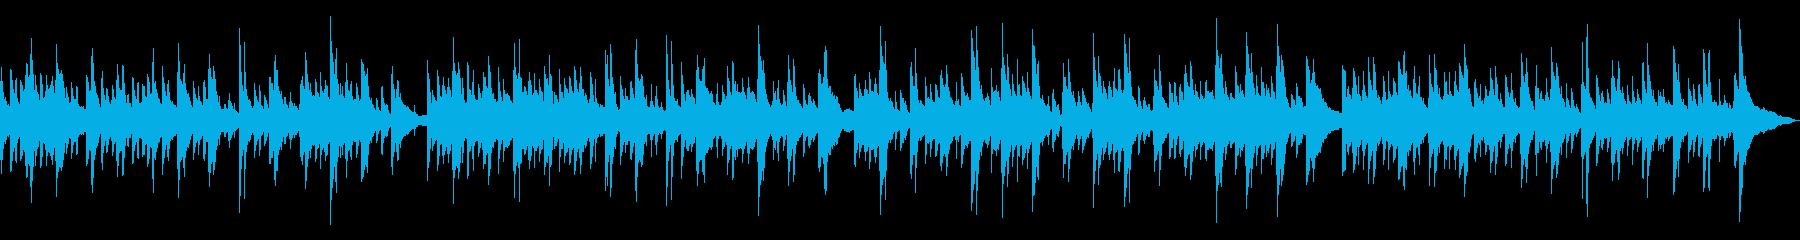 ピアノ・アコースティックギタ(のどか)の再生済みの波形